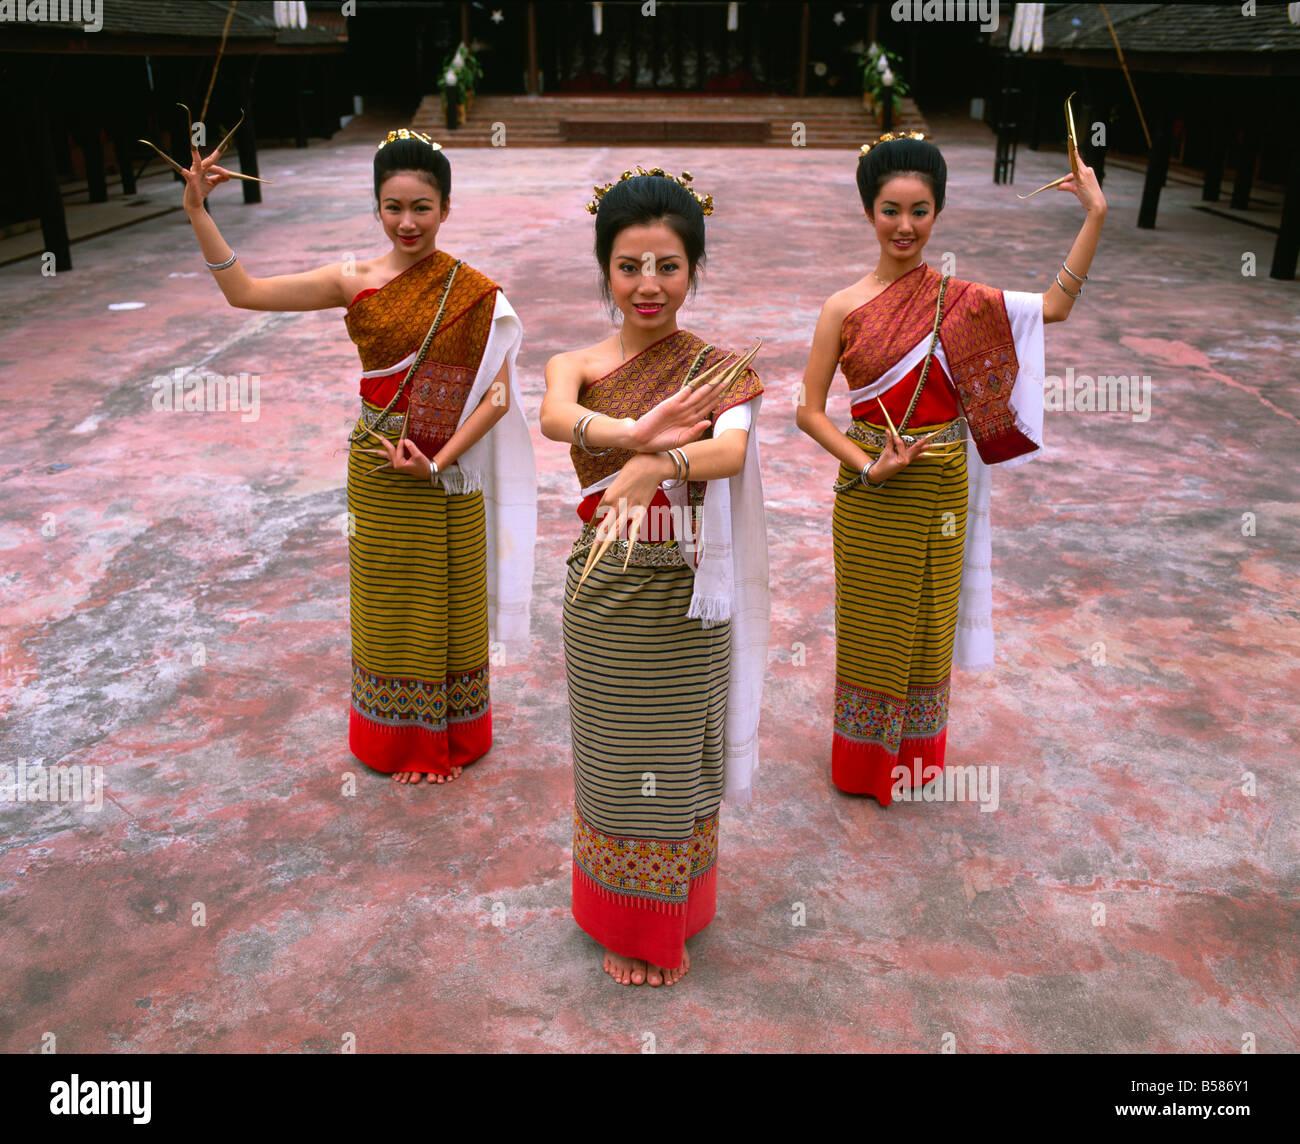 Ritratto di tre donne in tradizionale costume tailandese, Chiang Mai, Thailandia, Sud-est asiatico, in Asia Immagini Stock